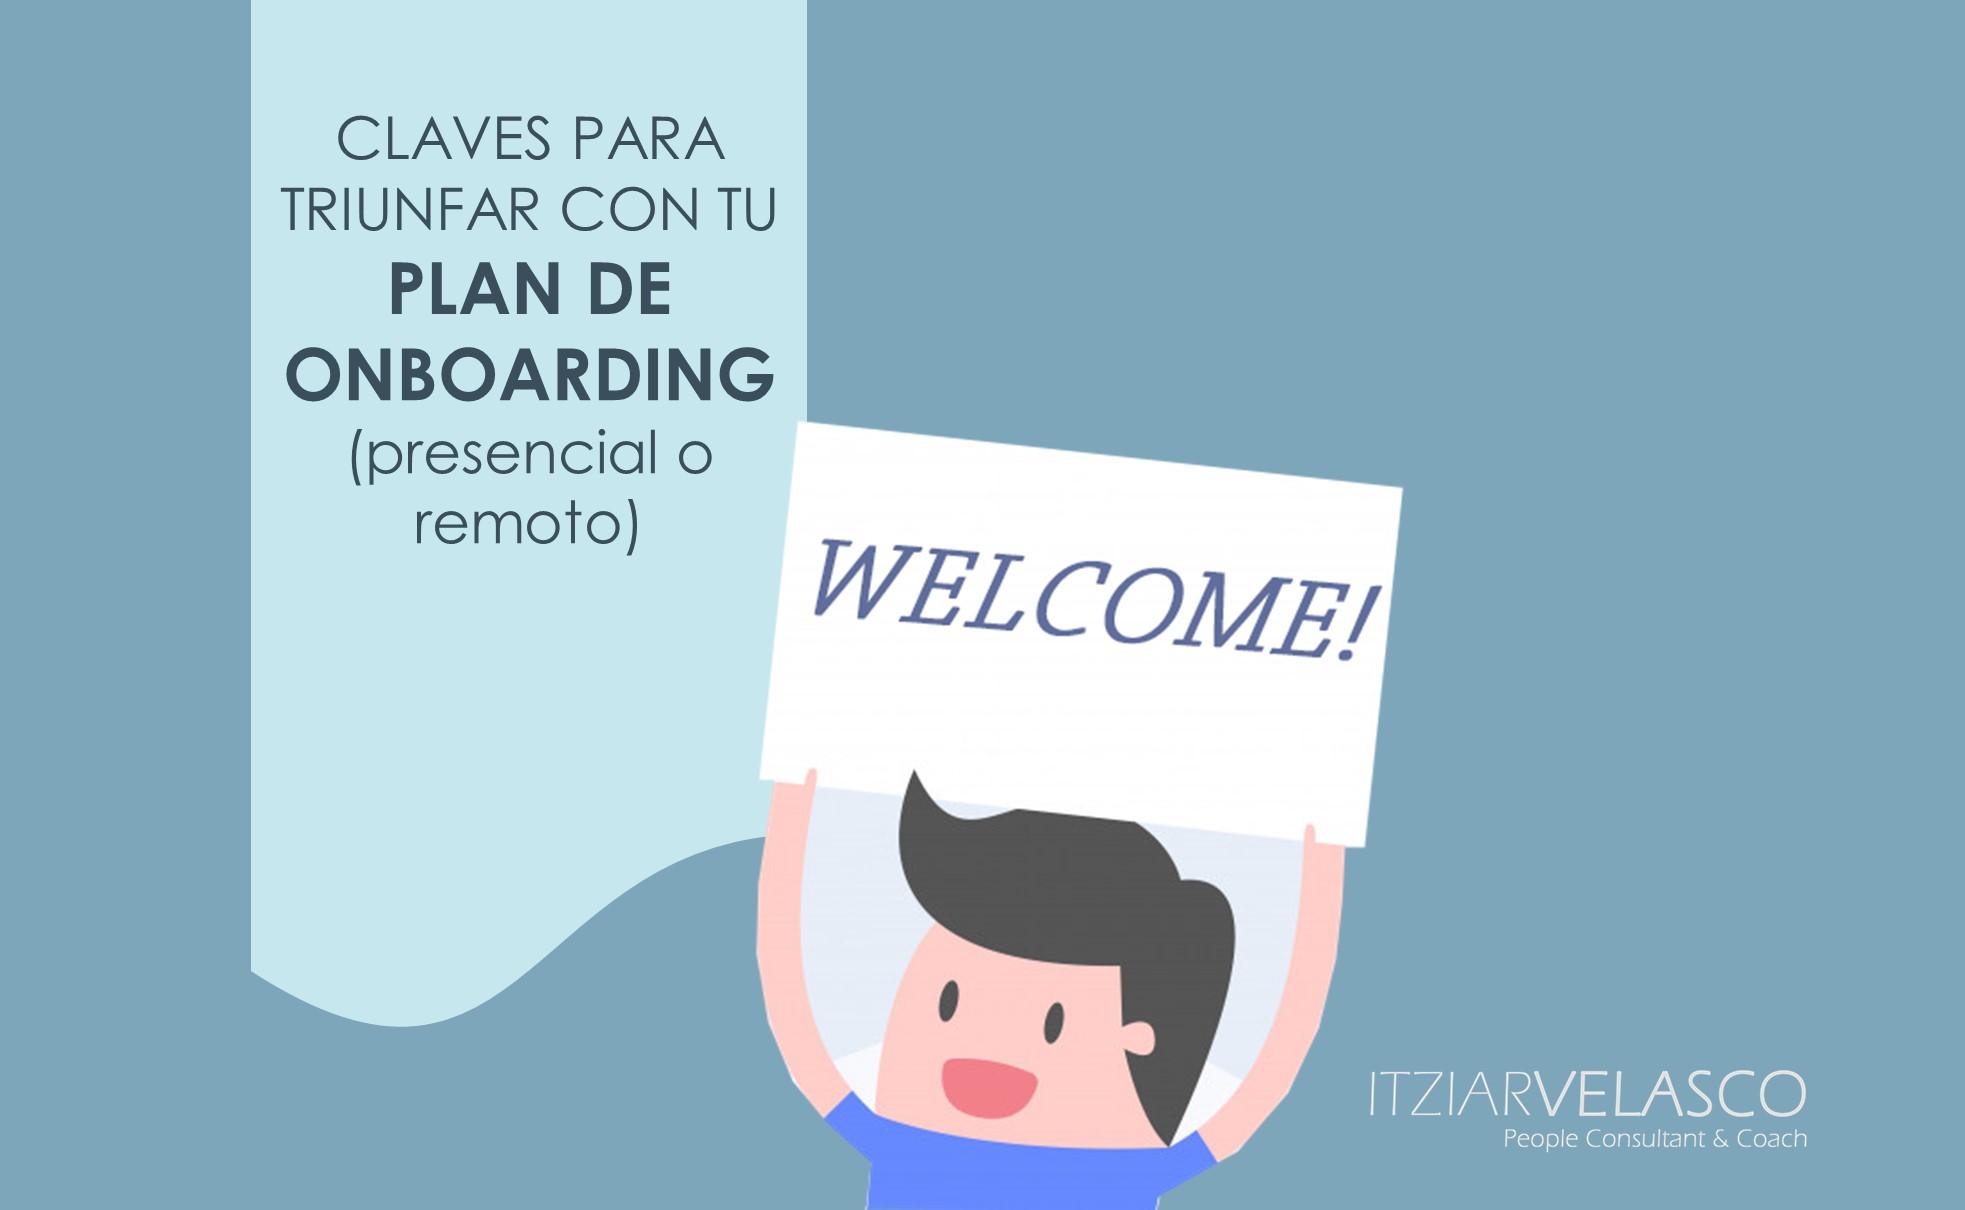 Claves para triunfar con tu Plan de Onboarding (presencial o remoto)